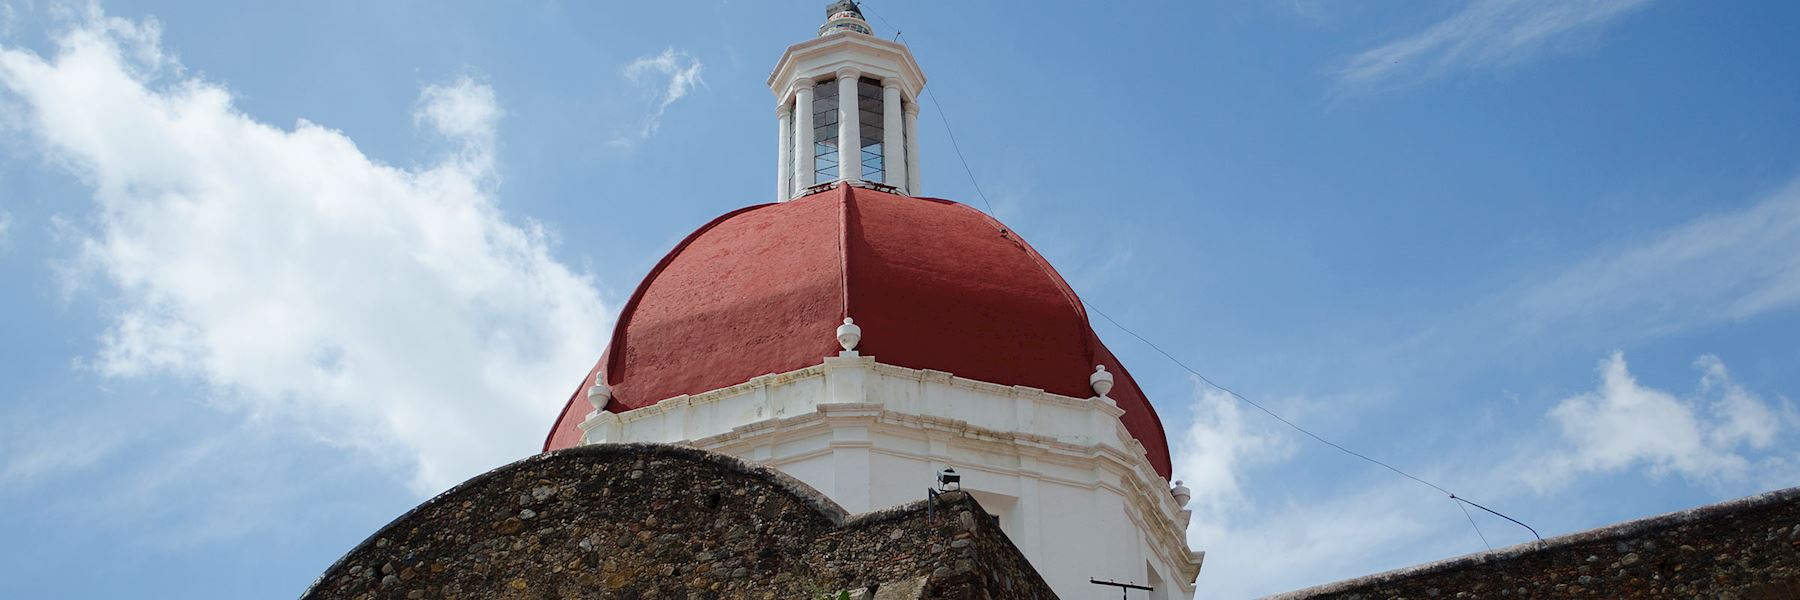 Visit Cuernavaca, Mexico